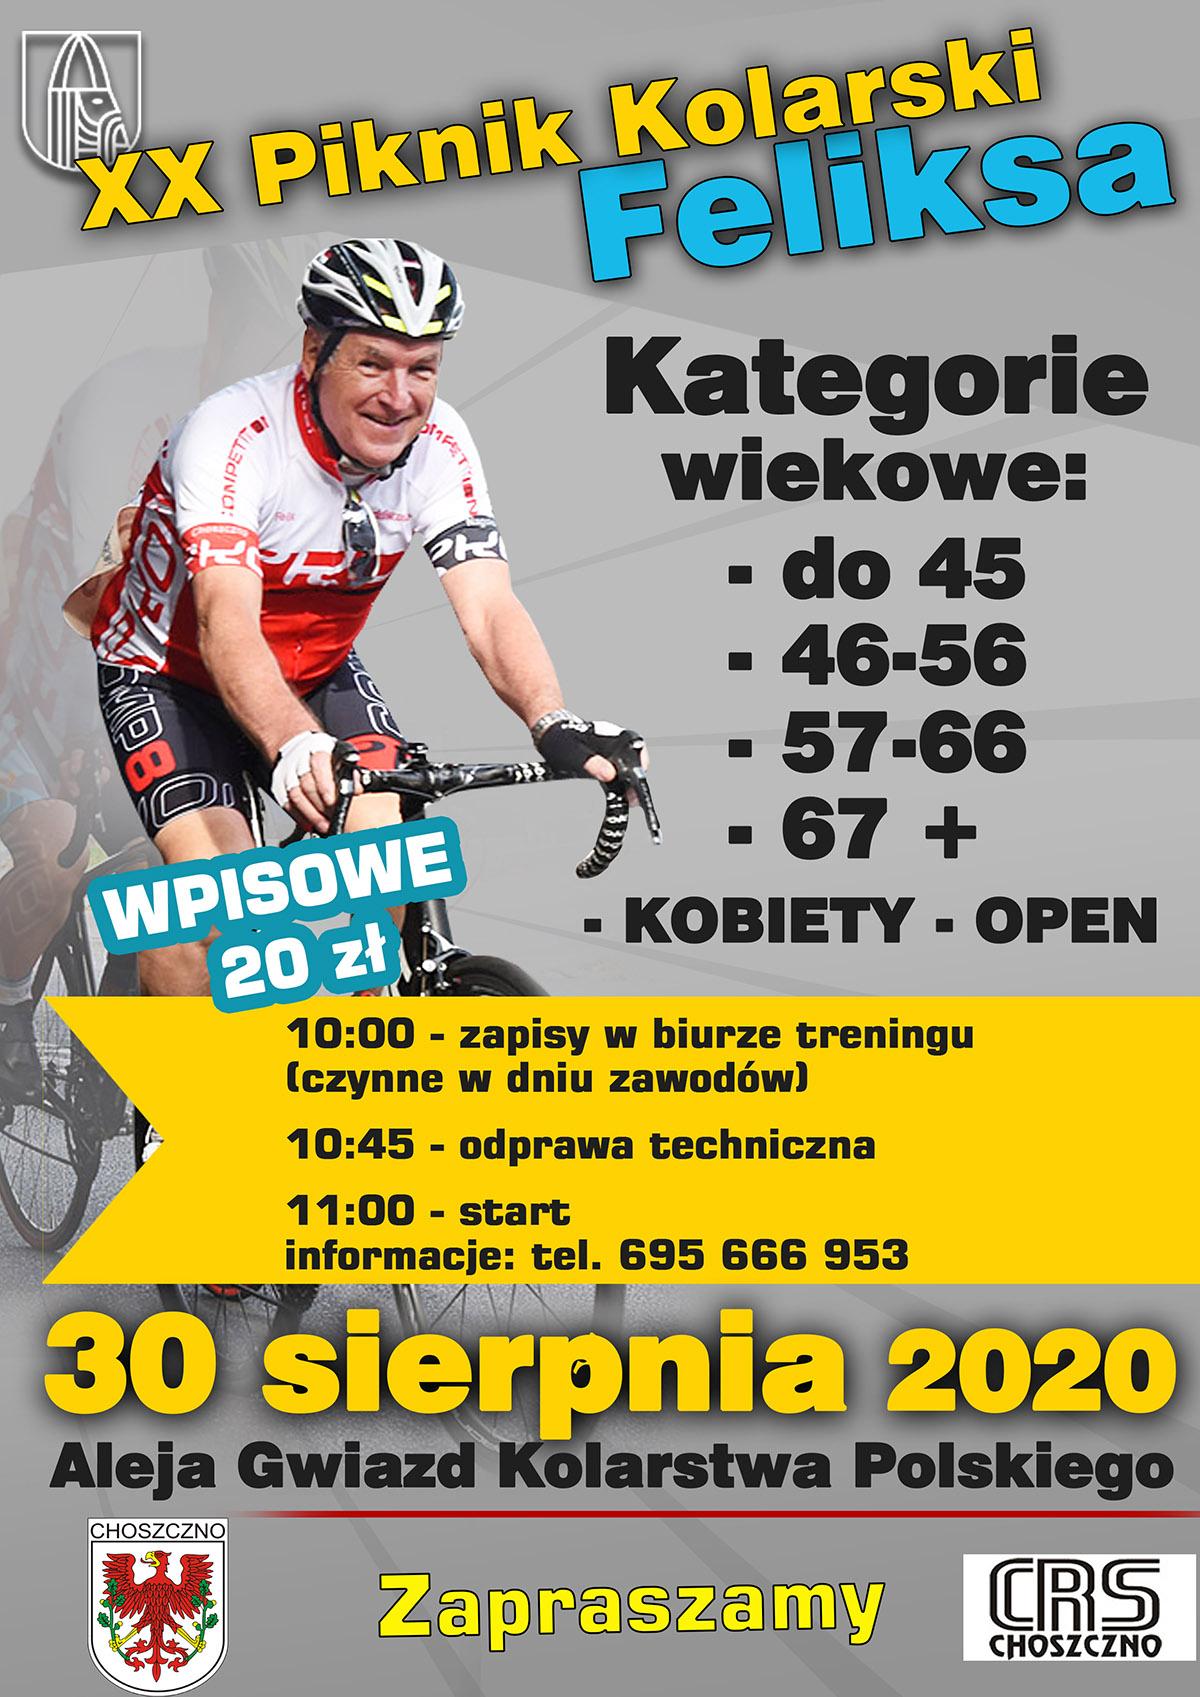 Choszczno 2020 - 20. Piknik Kolarski